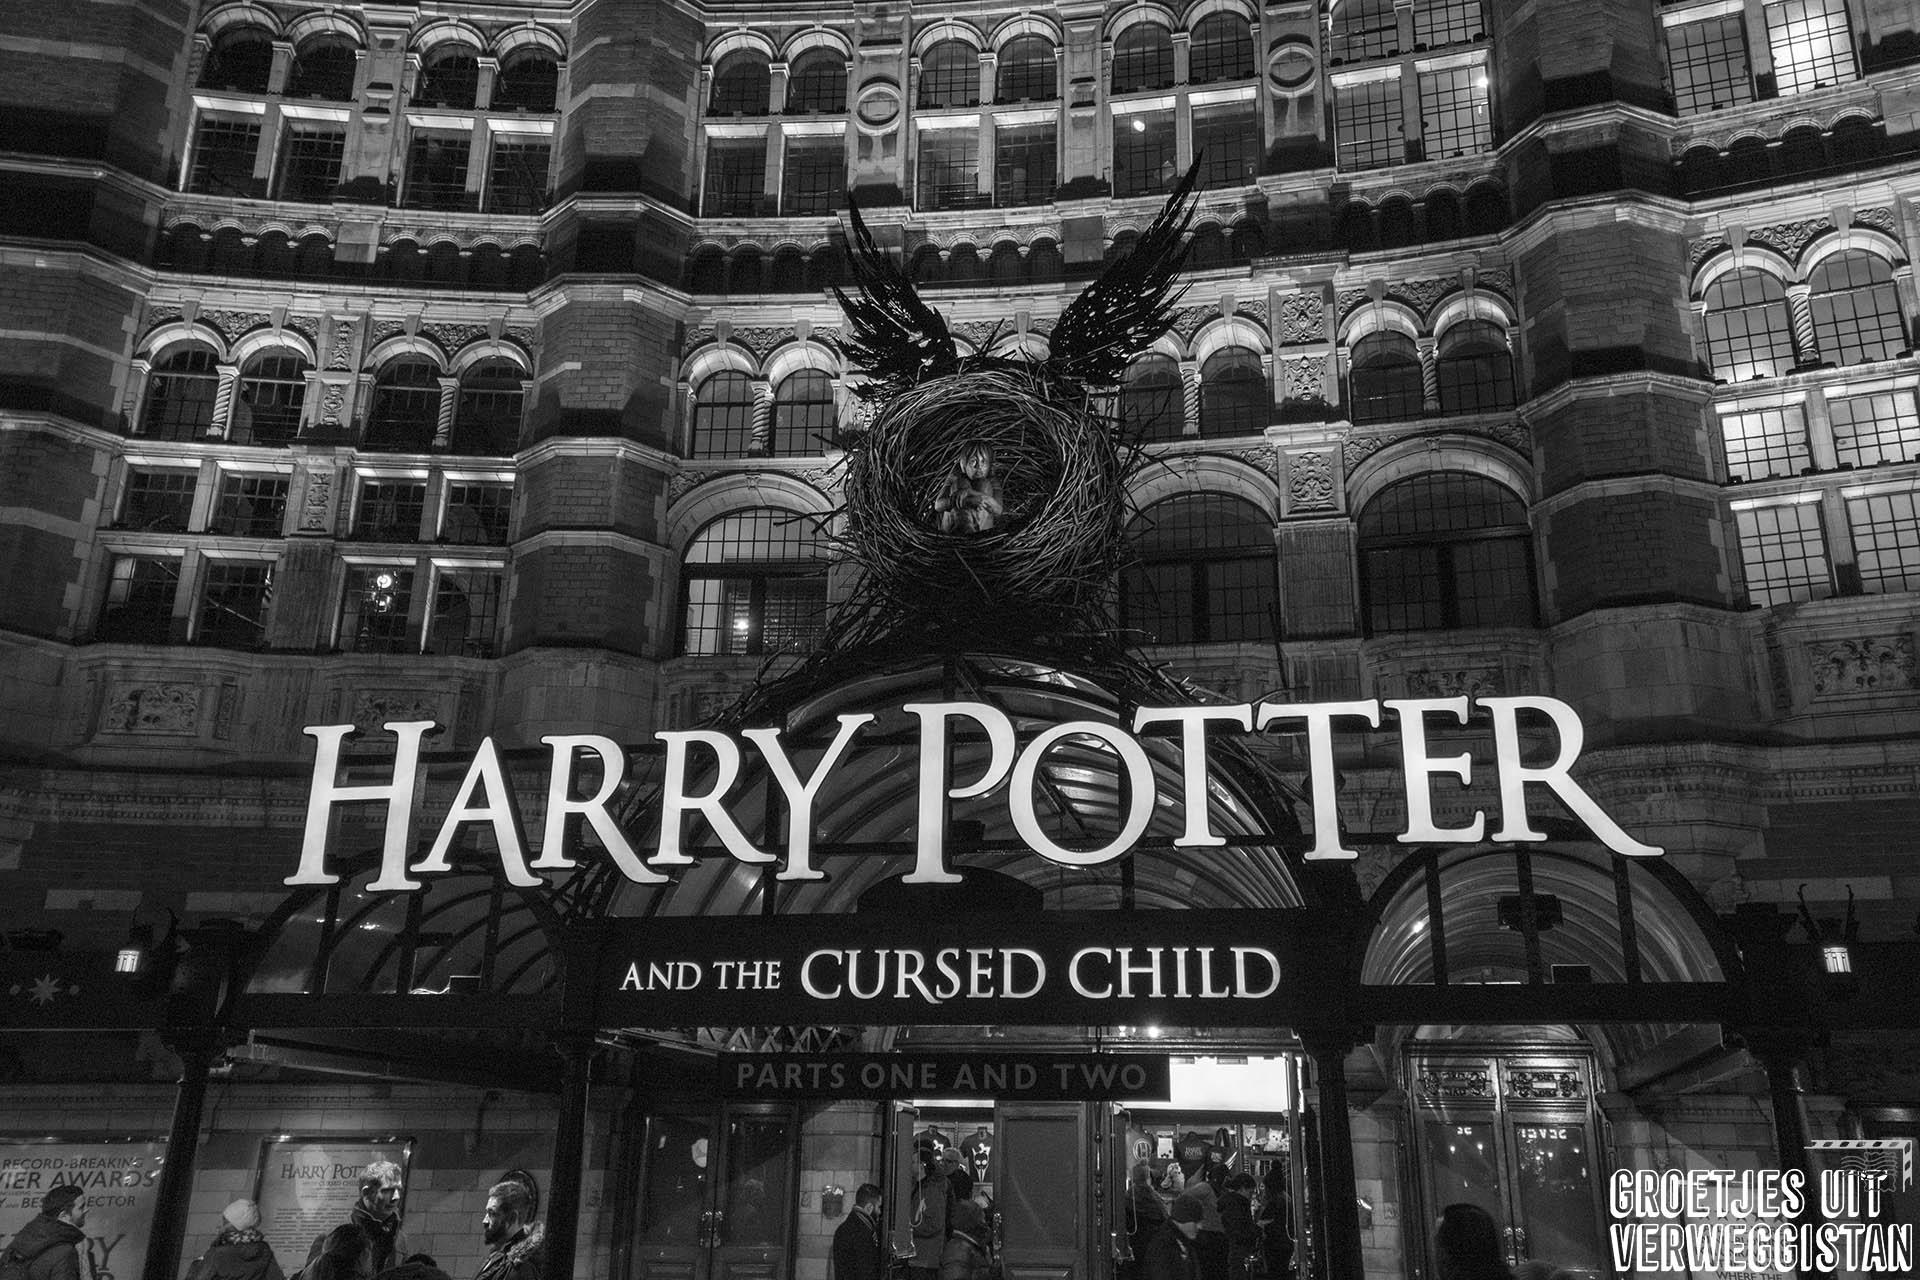 Voorzijde van Palace Theater in Londen, waar Harry Potter and the Cursed Child speelt.